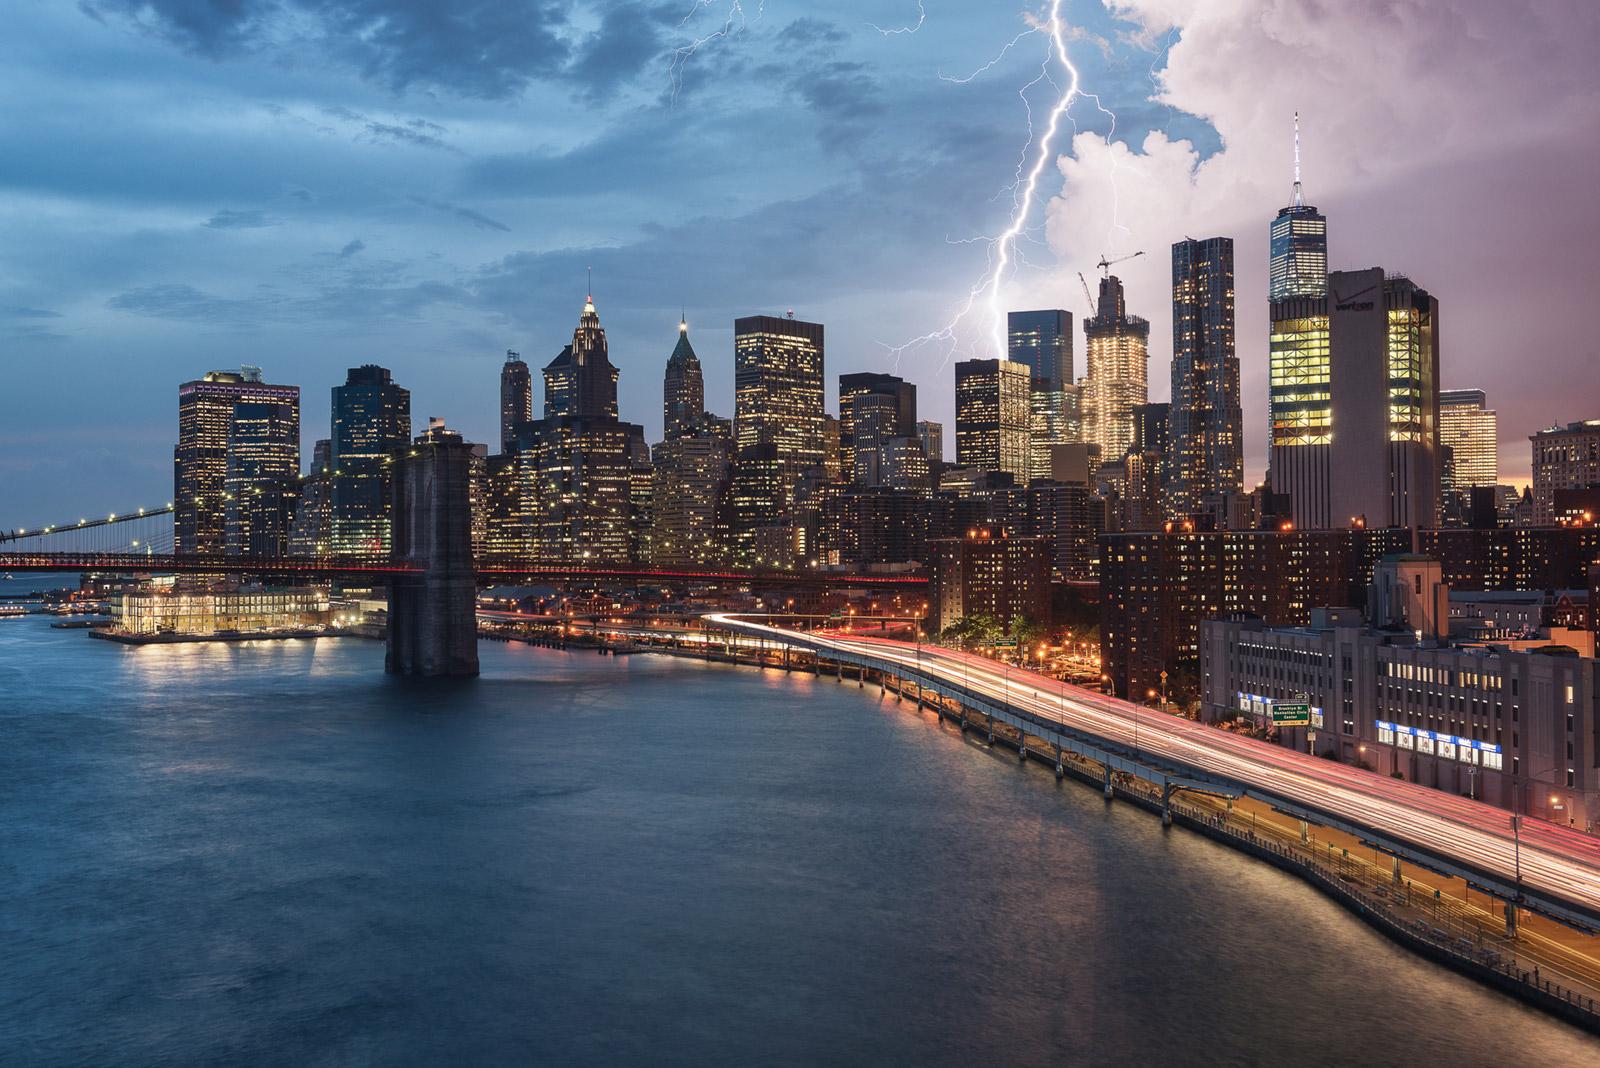 New York City Gewitter Skyline - Stefan Schäfer Landschaftsfotograf